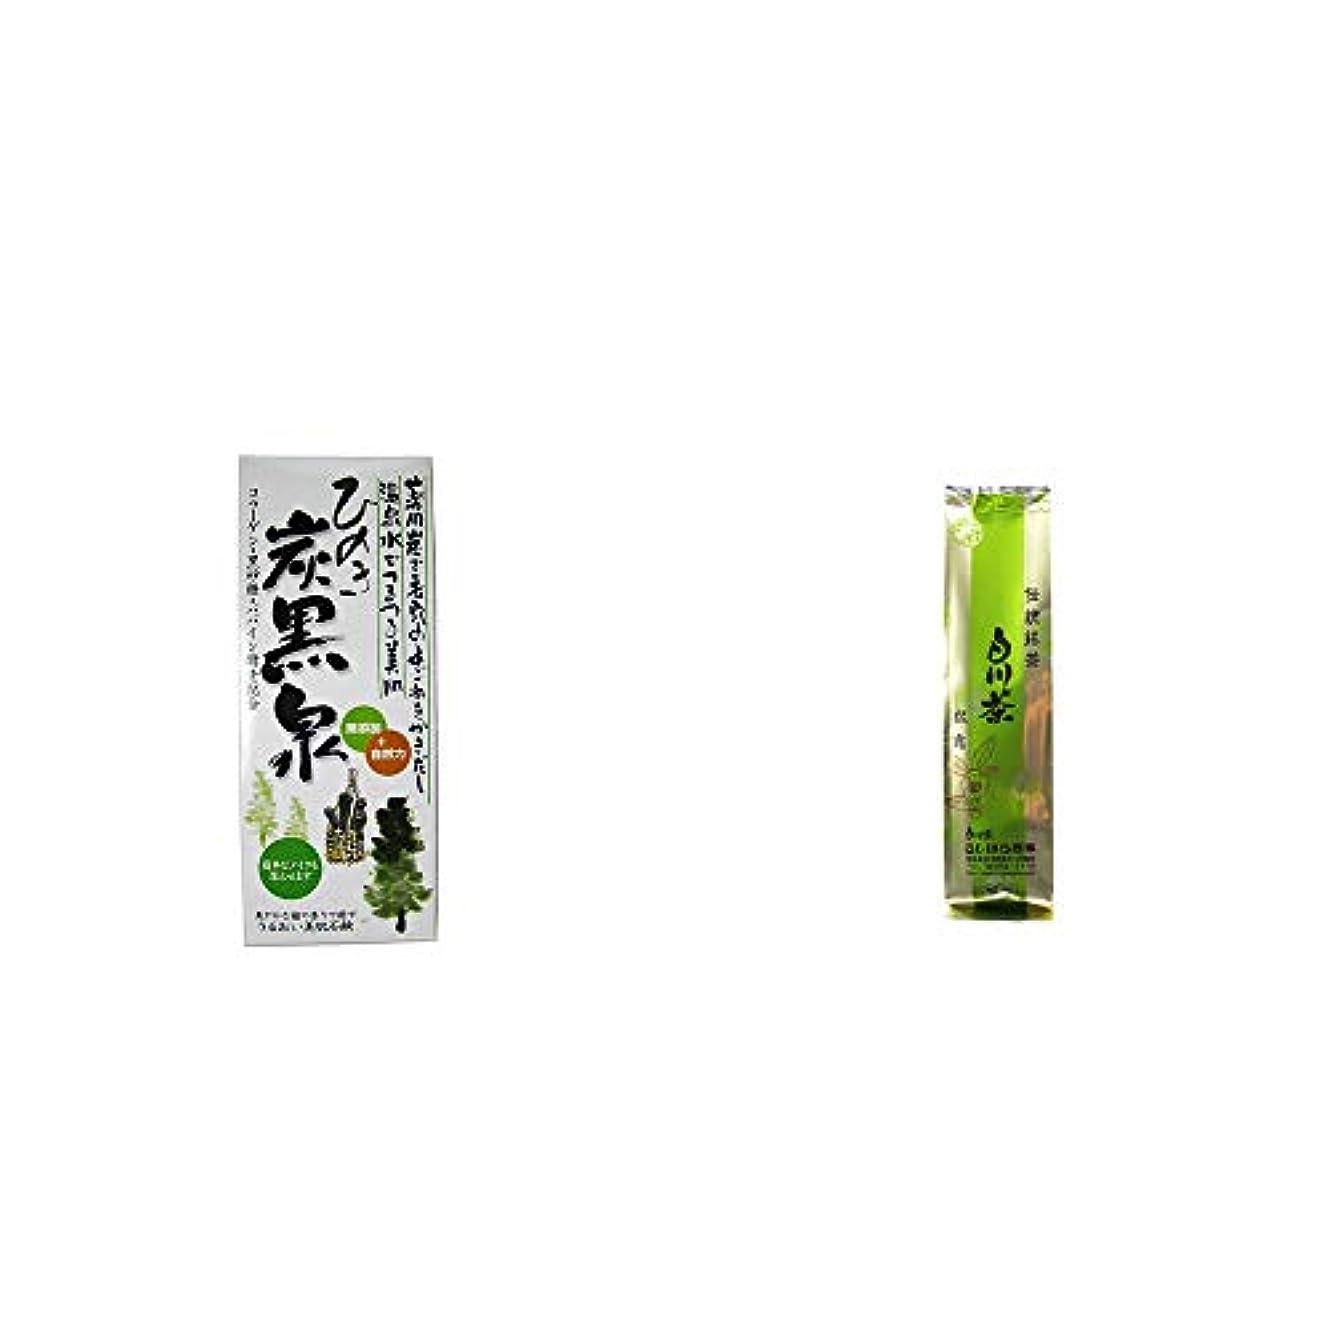 消費者ジェスチャー机[2点セット] ひのき炭黒泉 箱入り(75g×3)?白川茶 伝統銘茶【松露】(180g)